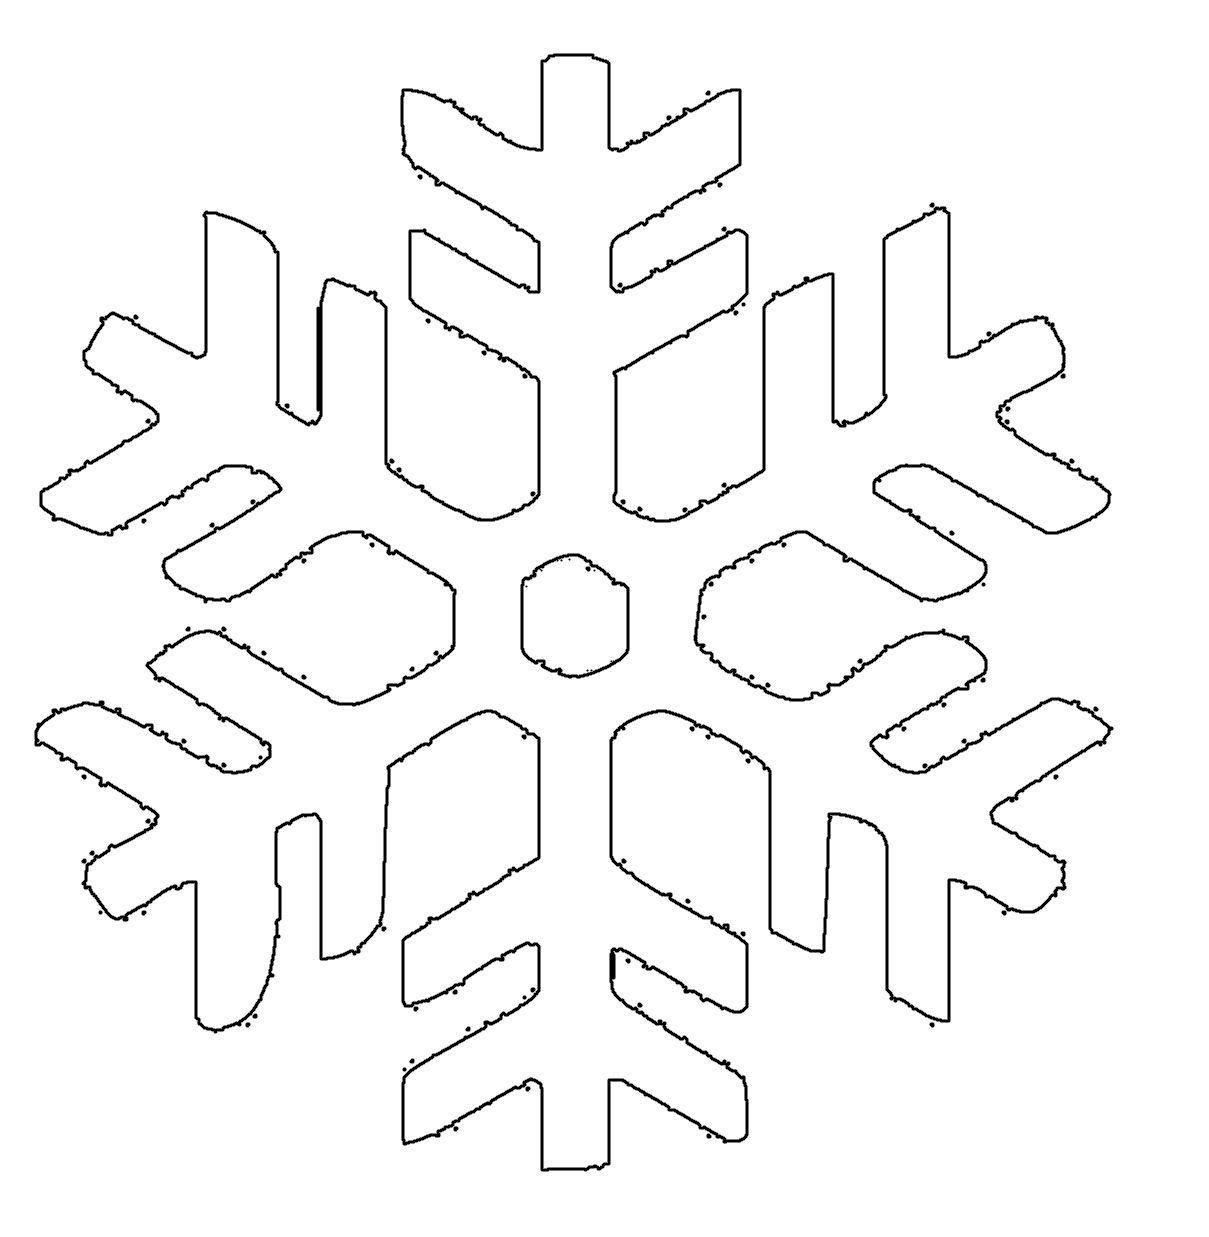 Schneeflocken basteln vorlage, Schneeflocke vorlage, Schneeflocke